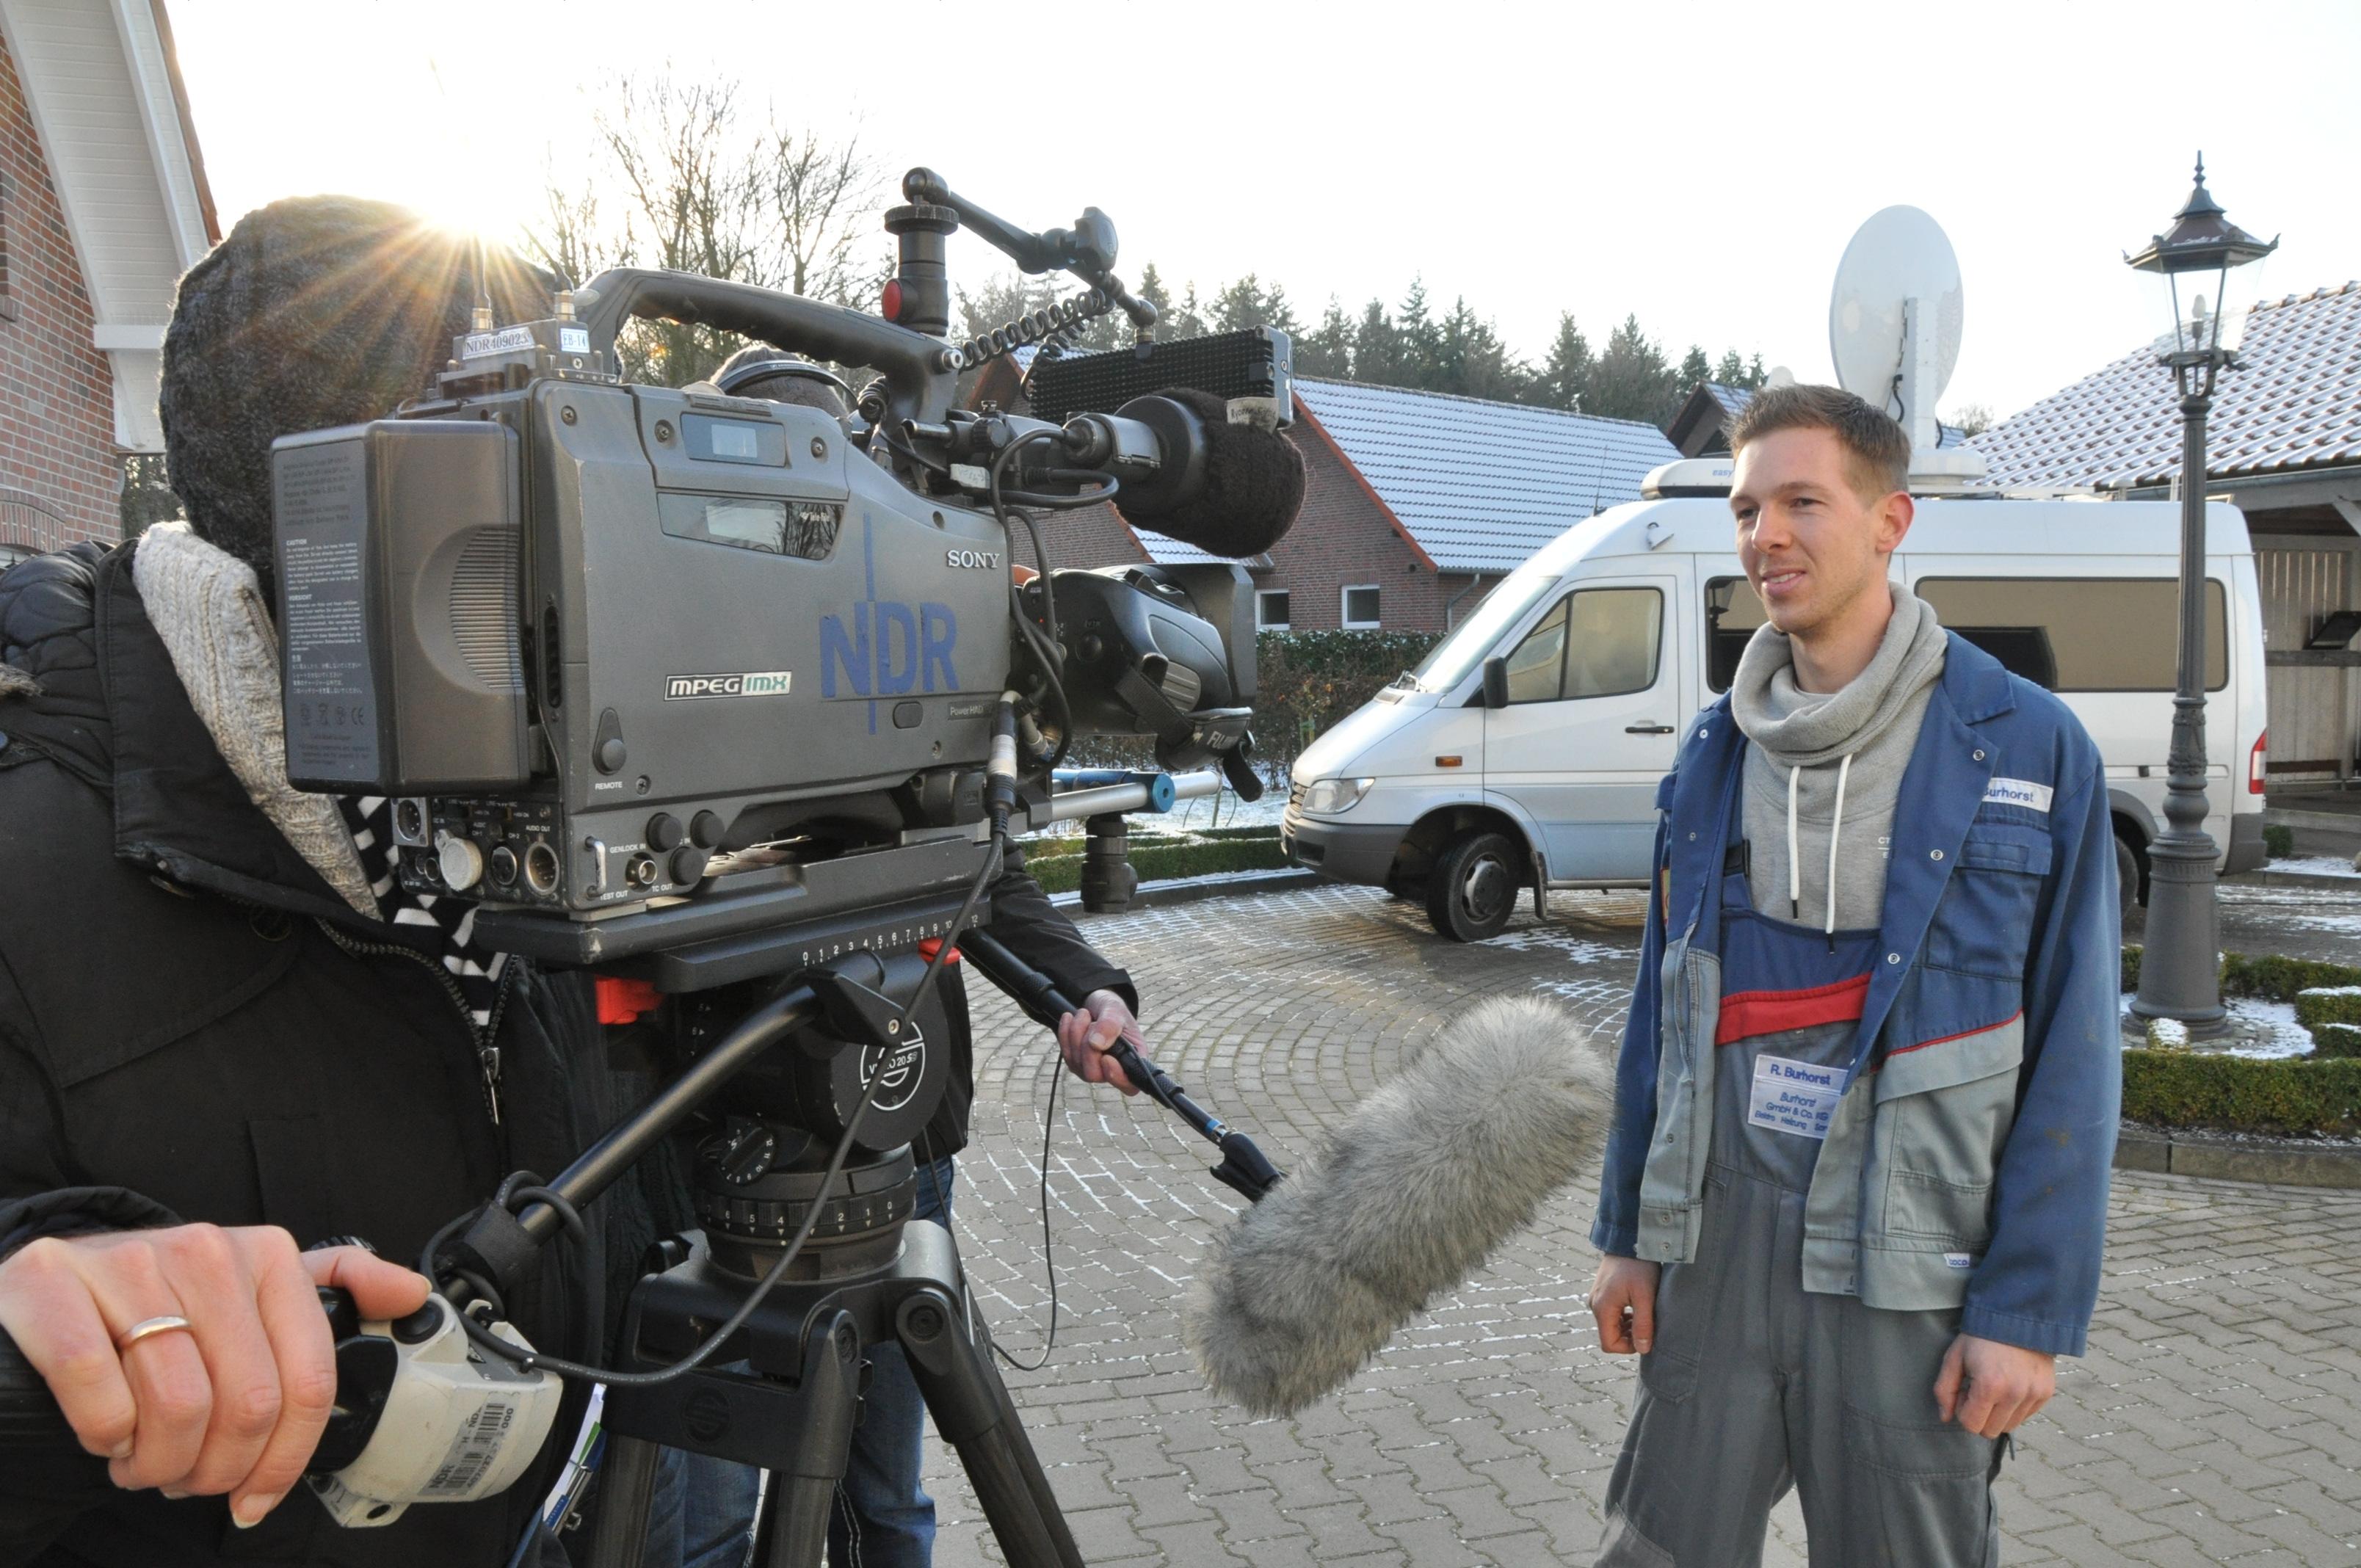 Eine gute Figur macht André Ording nicht nur bei seinem neuen Arbeitgeber sondern auch vor der Fernsehkamera. Foto: Stefan Freiwald